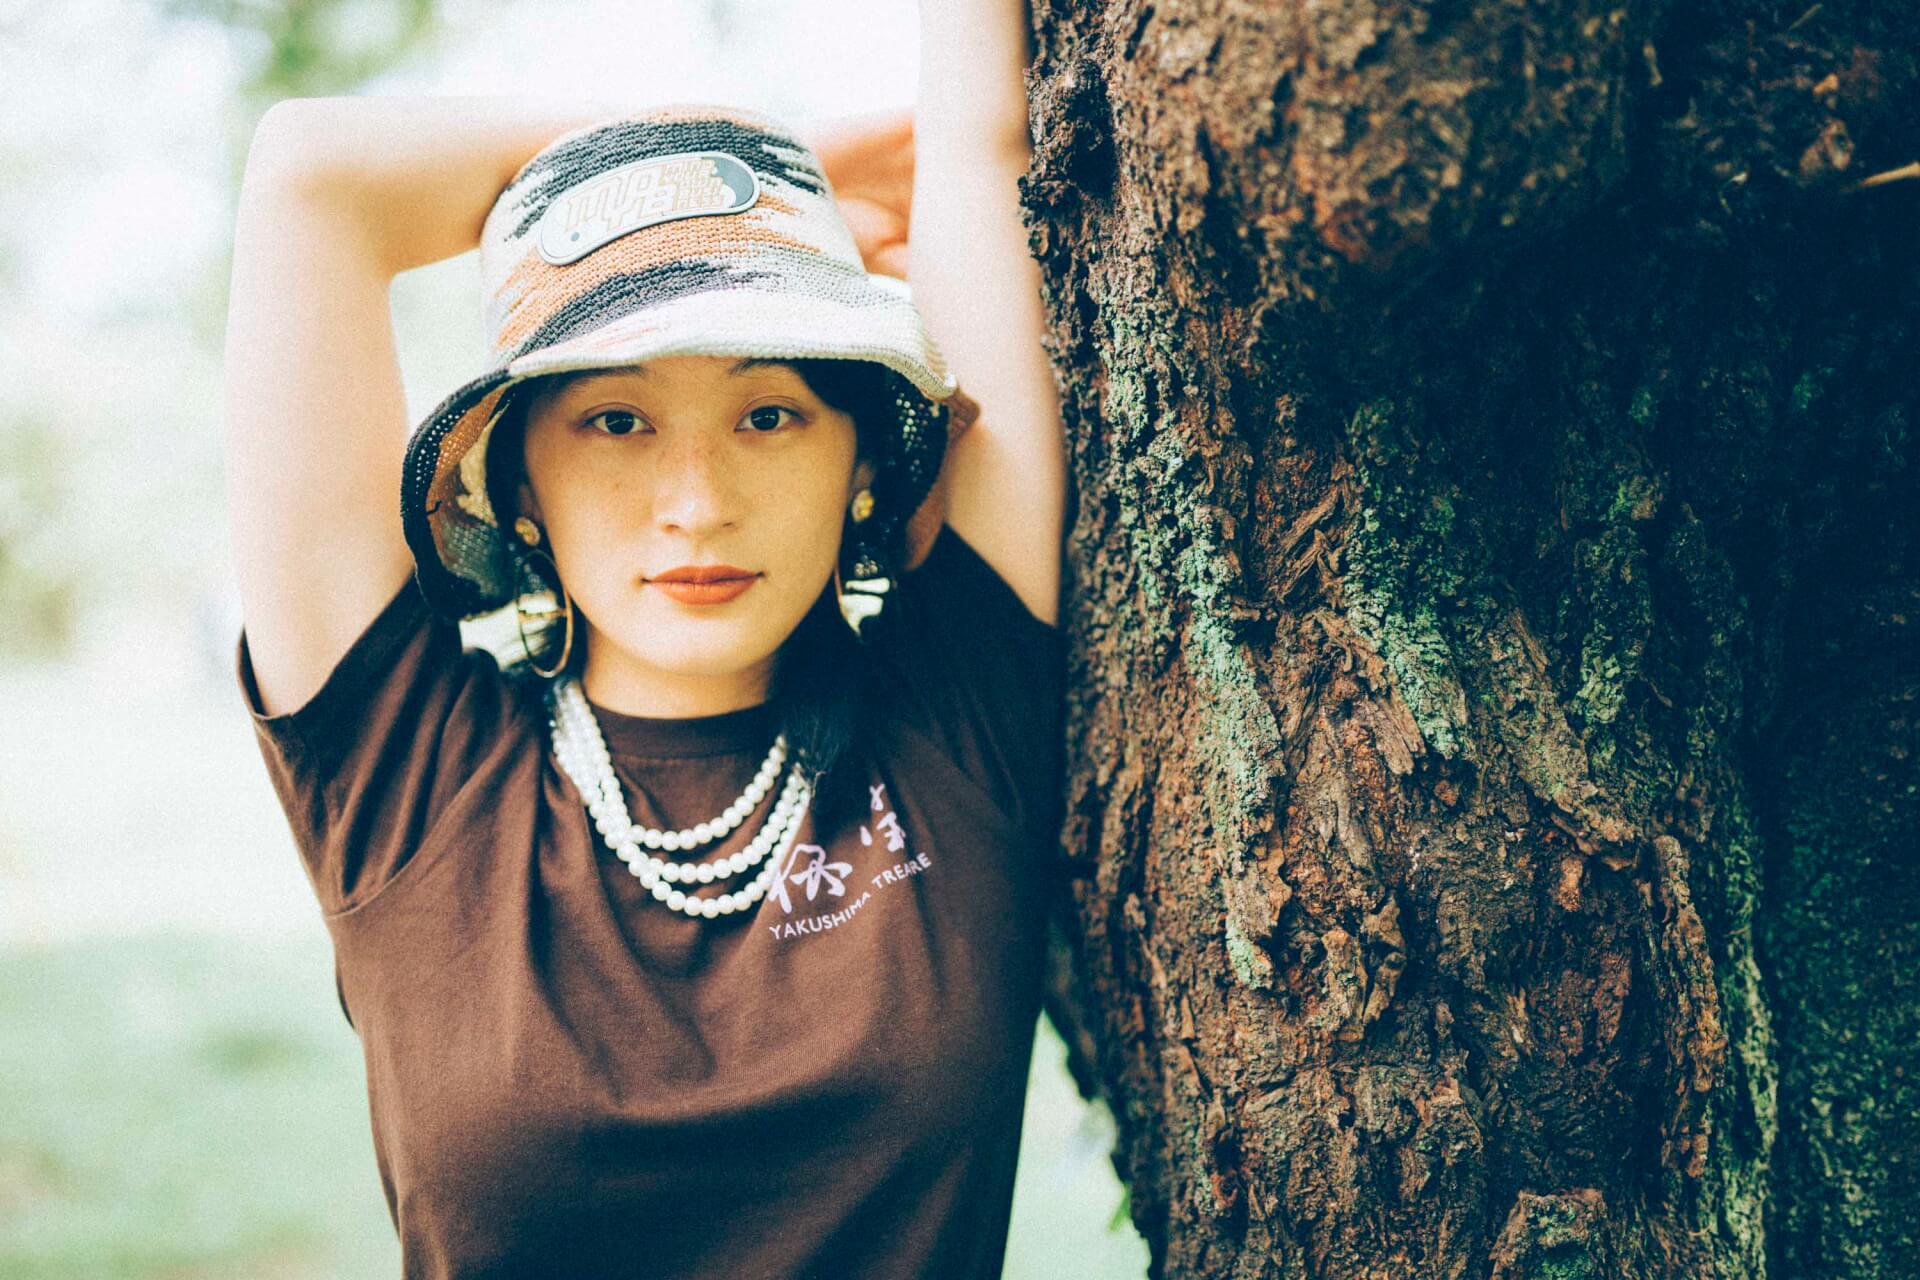 インタビュー|コムアイとオオルタイチがTrue Colors BEATS出演にあたって語る想い interview191011-yakushimatreasure-6